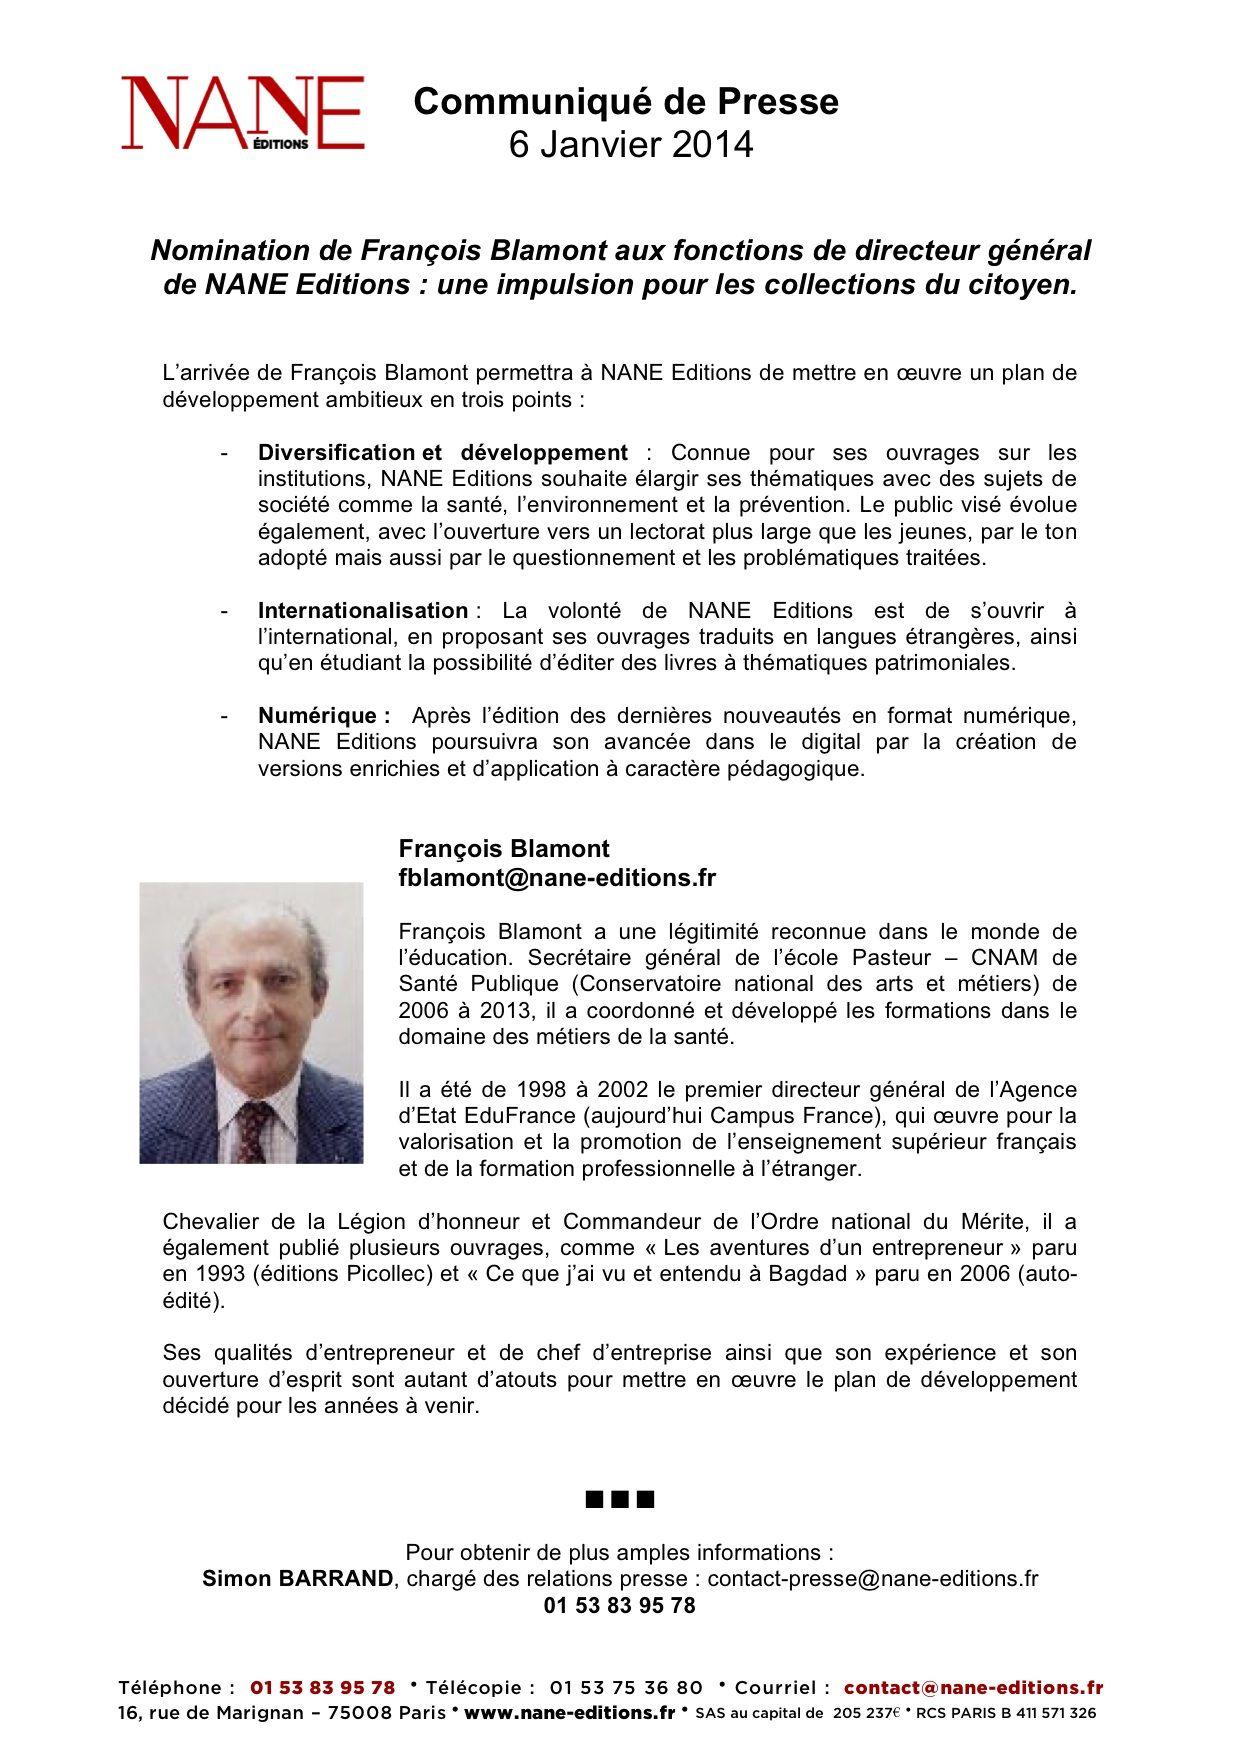 Francois Blamont Nomme Directeur General De Nane Editions Communique De Presse Directeur General Generale